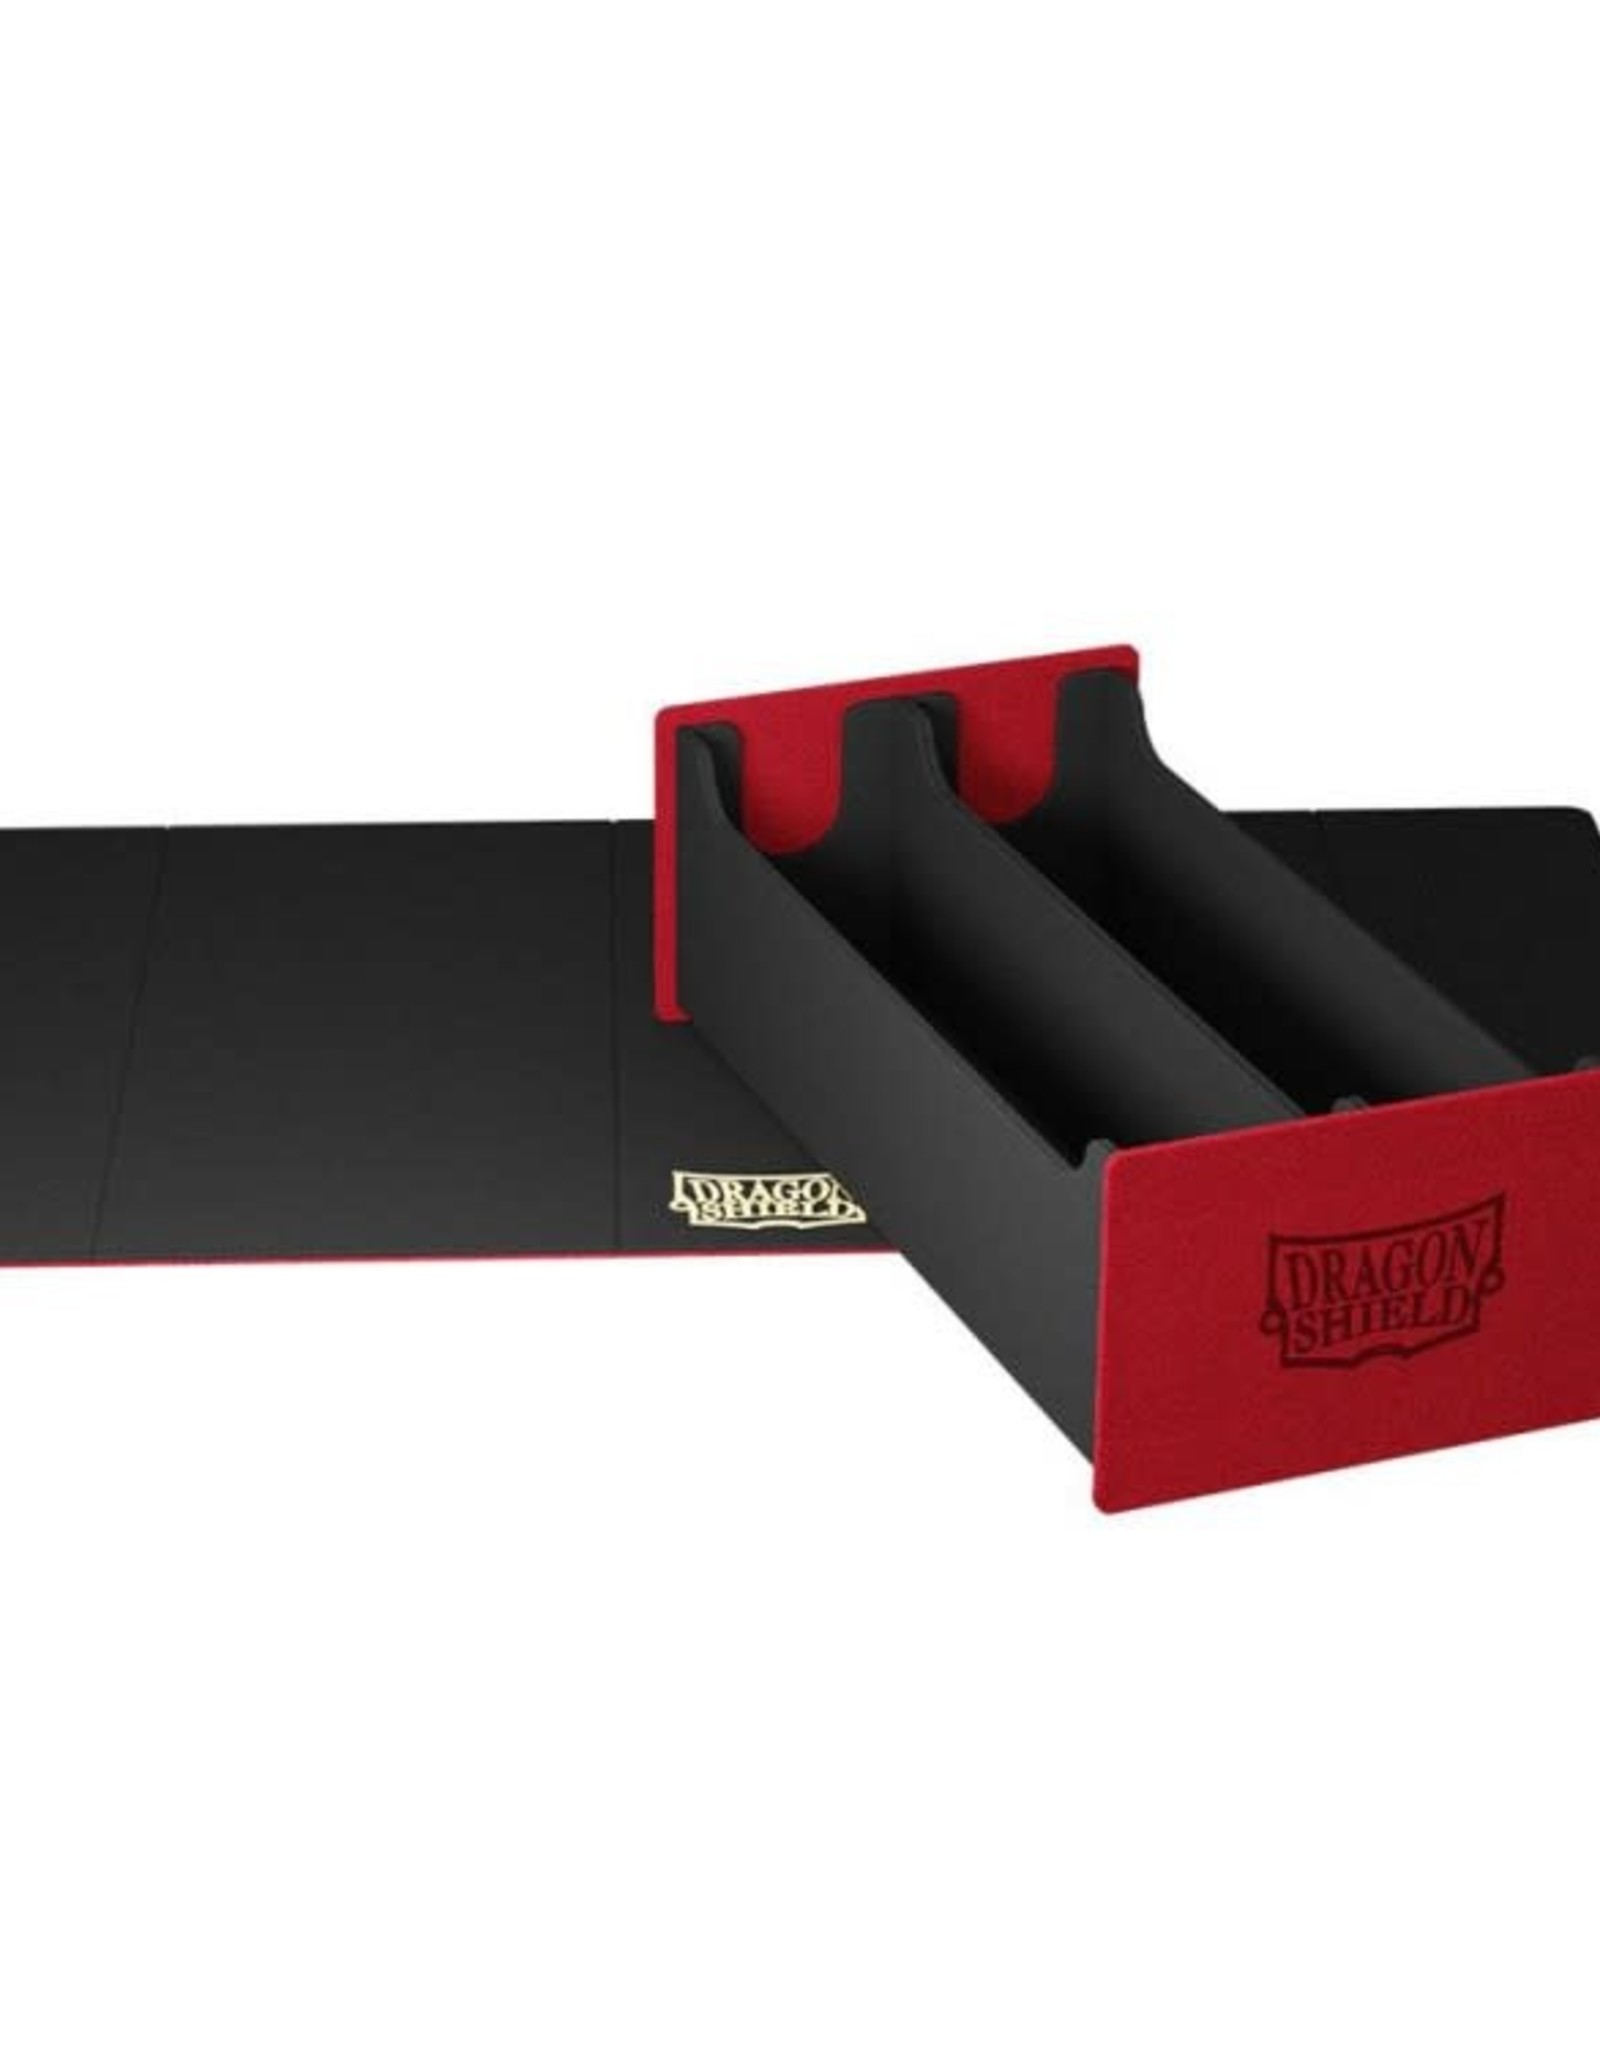 Arcane Tinmen Dragon Shield Deck Box: Magic Carpet XL Red w/ Black